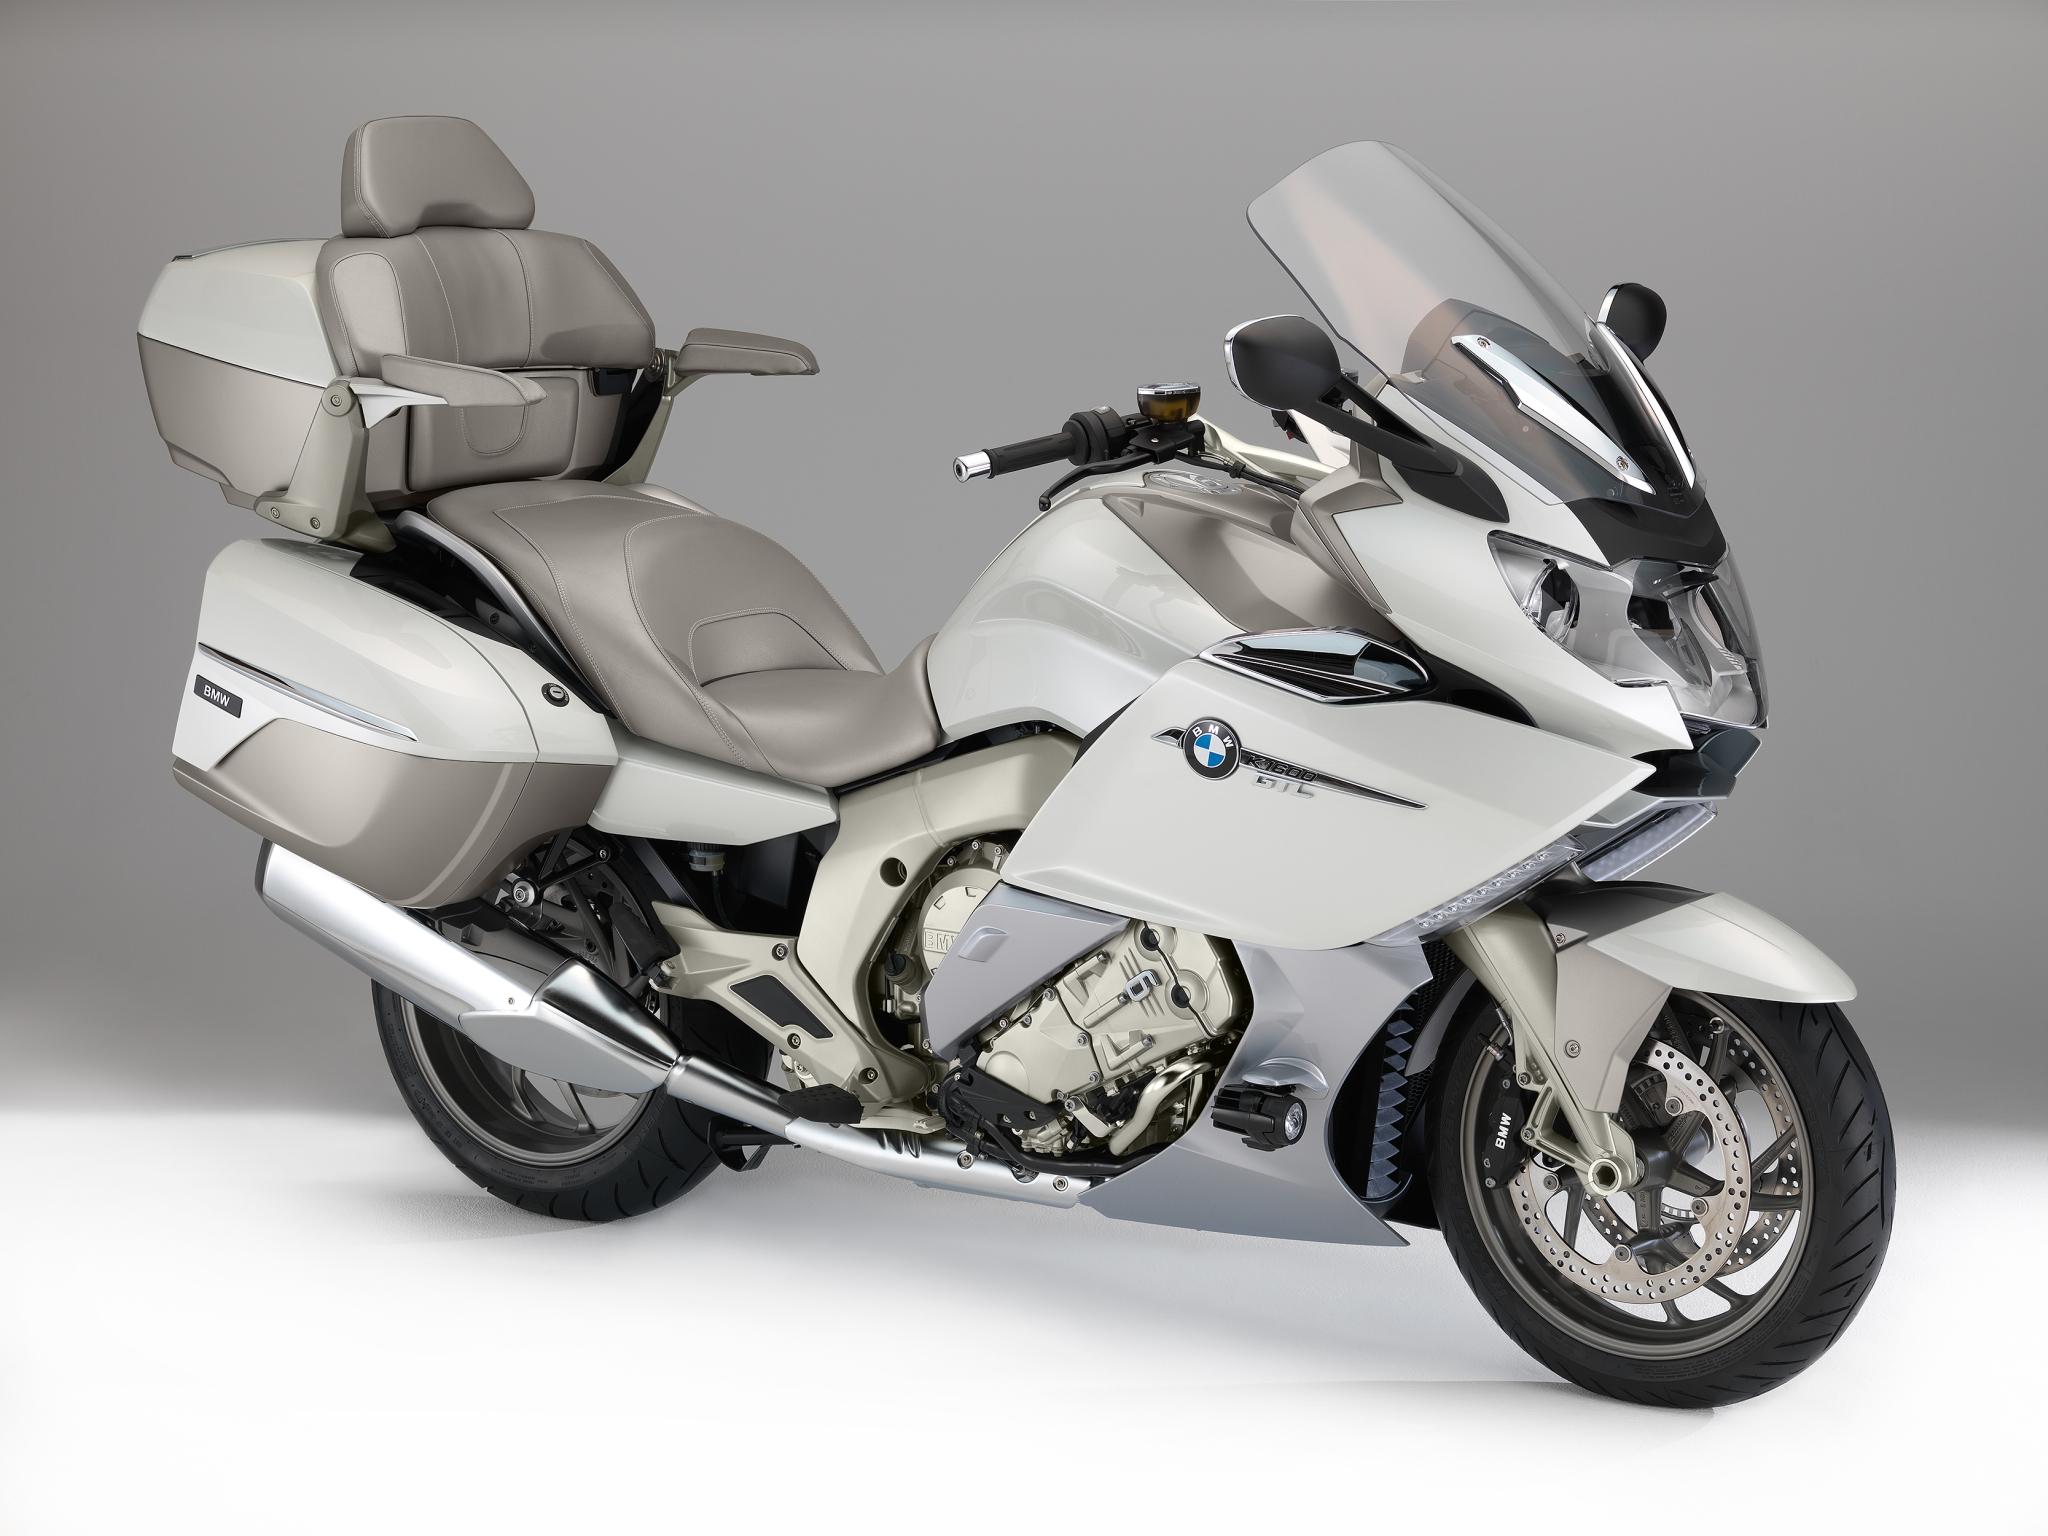 高級車でカッコイイ大人に人気のバイク!BMWのK1600GTLをCHECK!のサムネイル画像